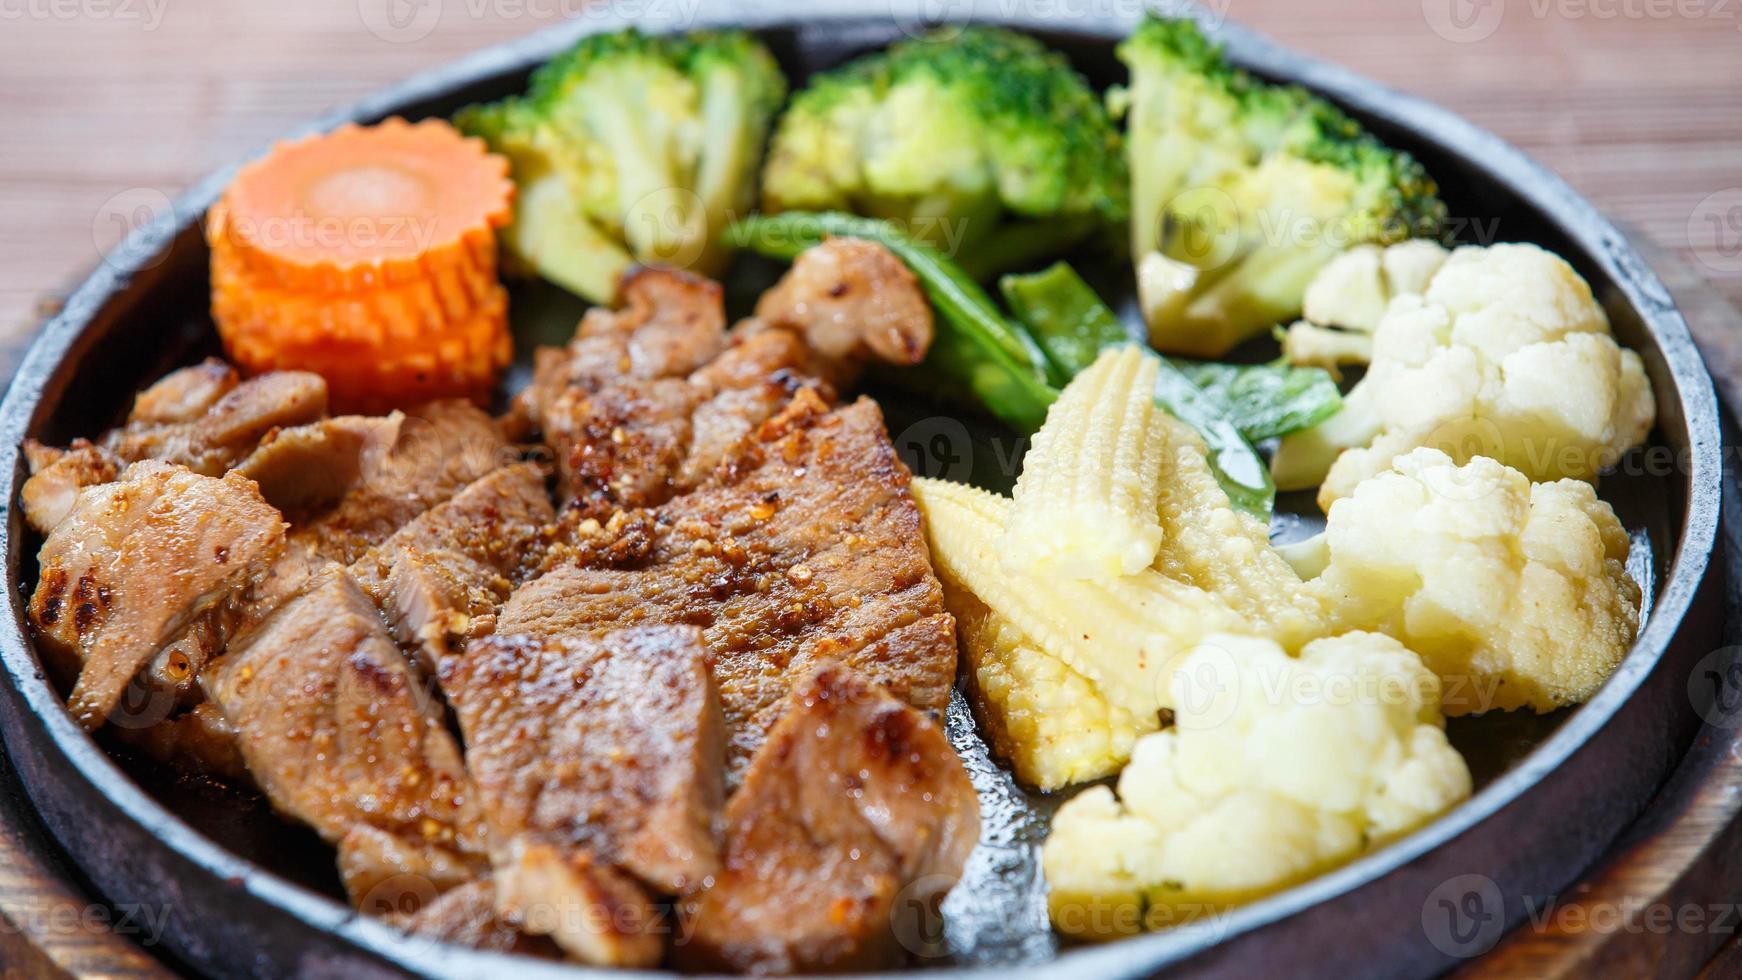 braciola di maiale alla griglia succosa (tagliata al collo) con verdure foto